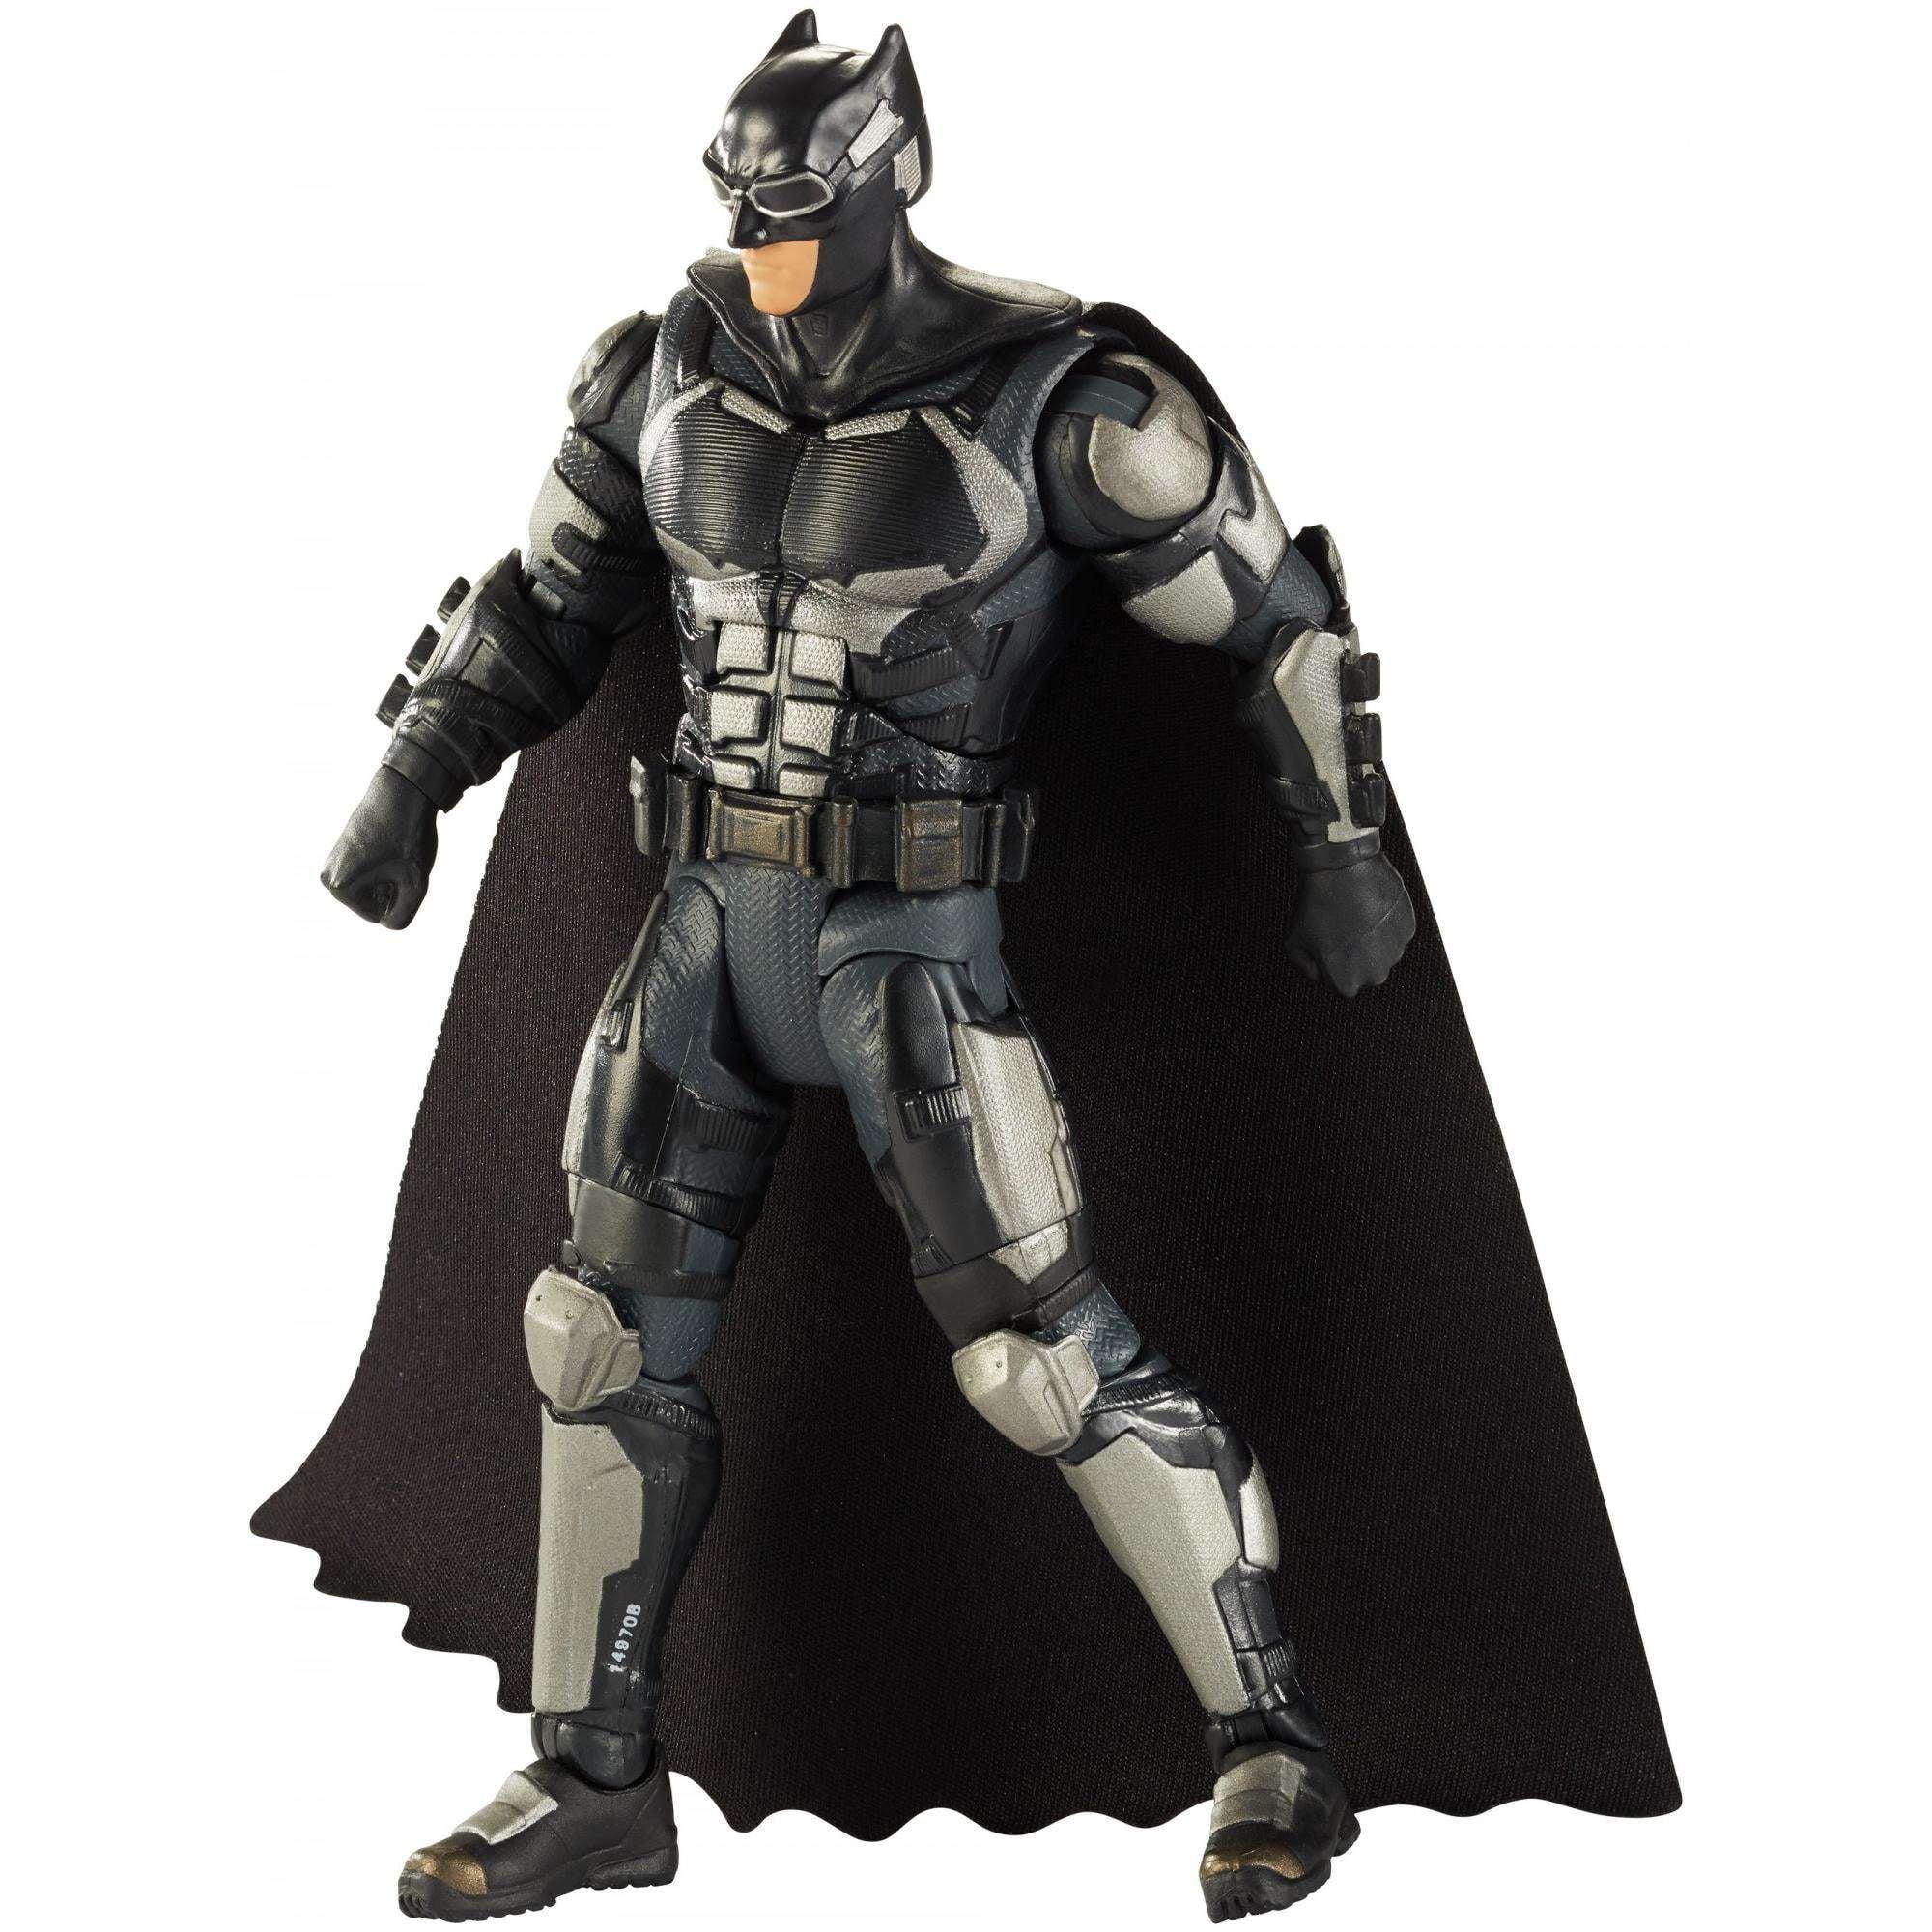 DC Comics Multiverse Justice League Batman by Mattel